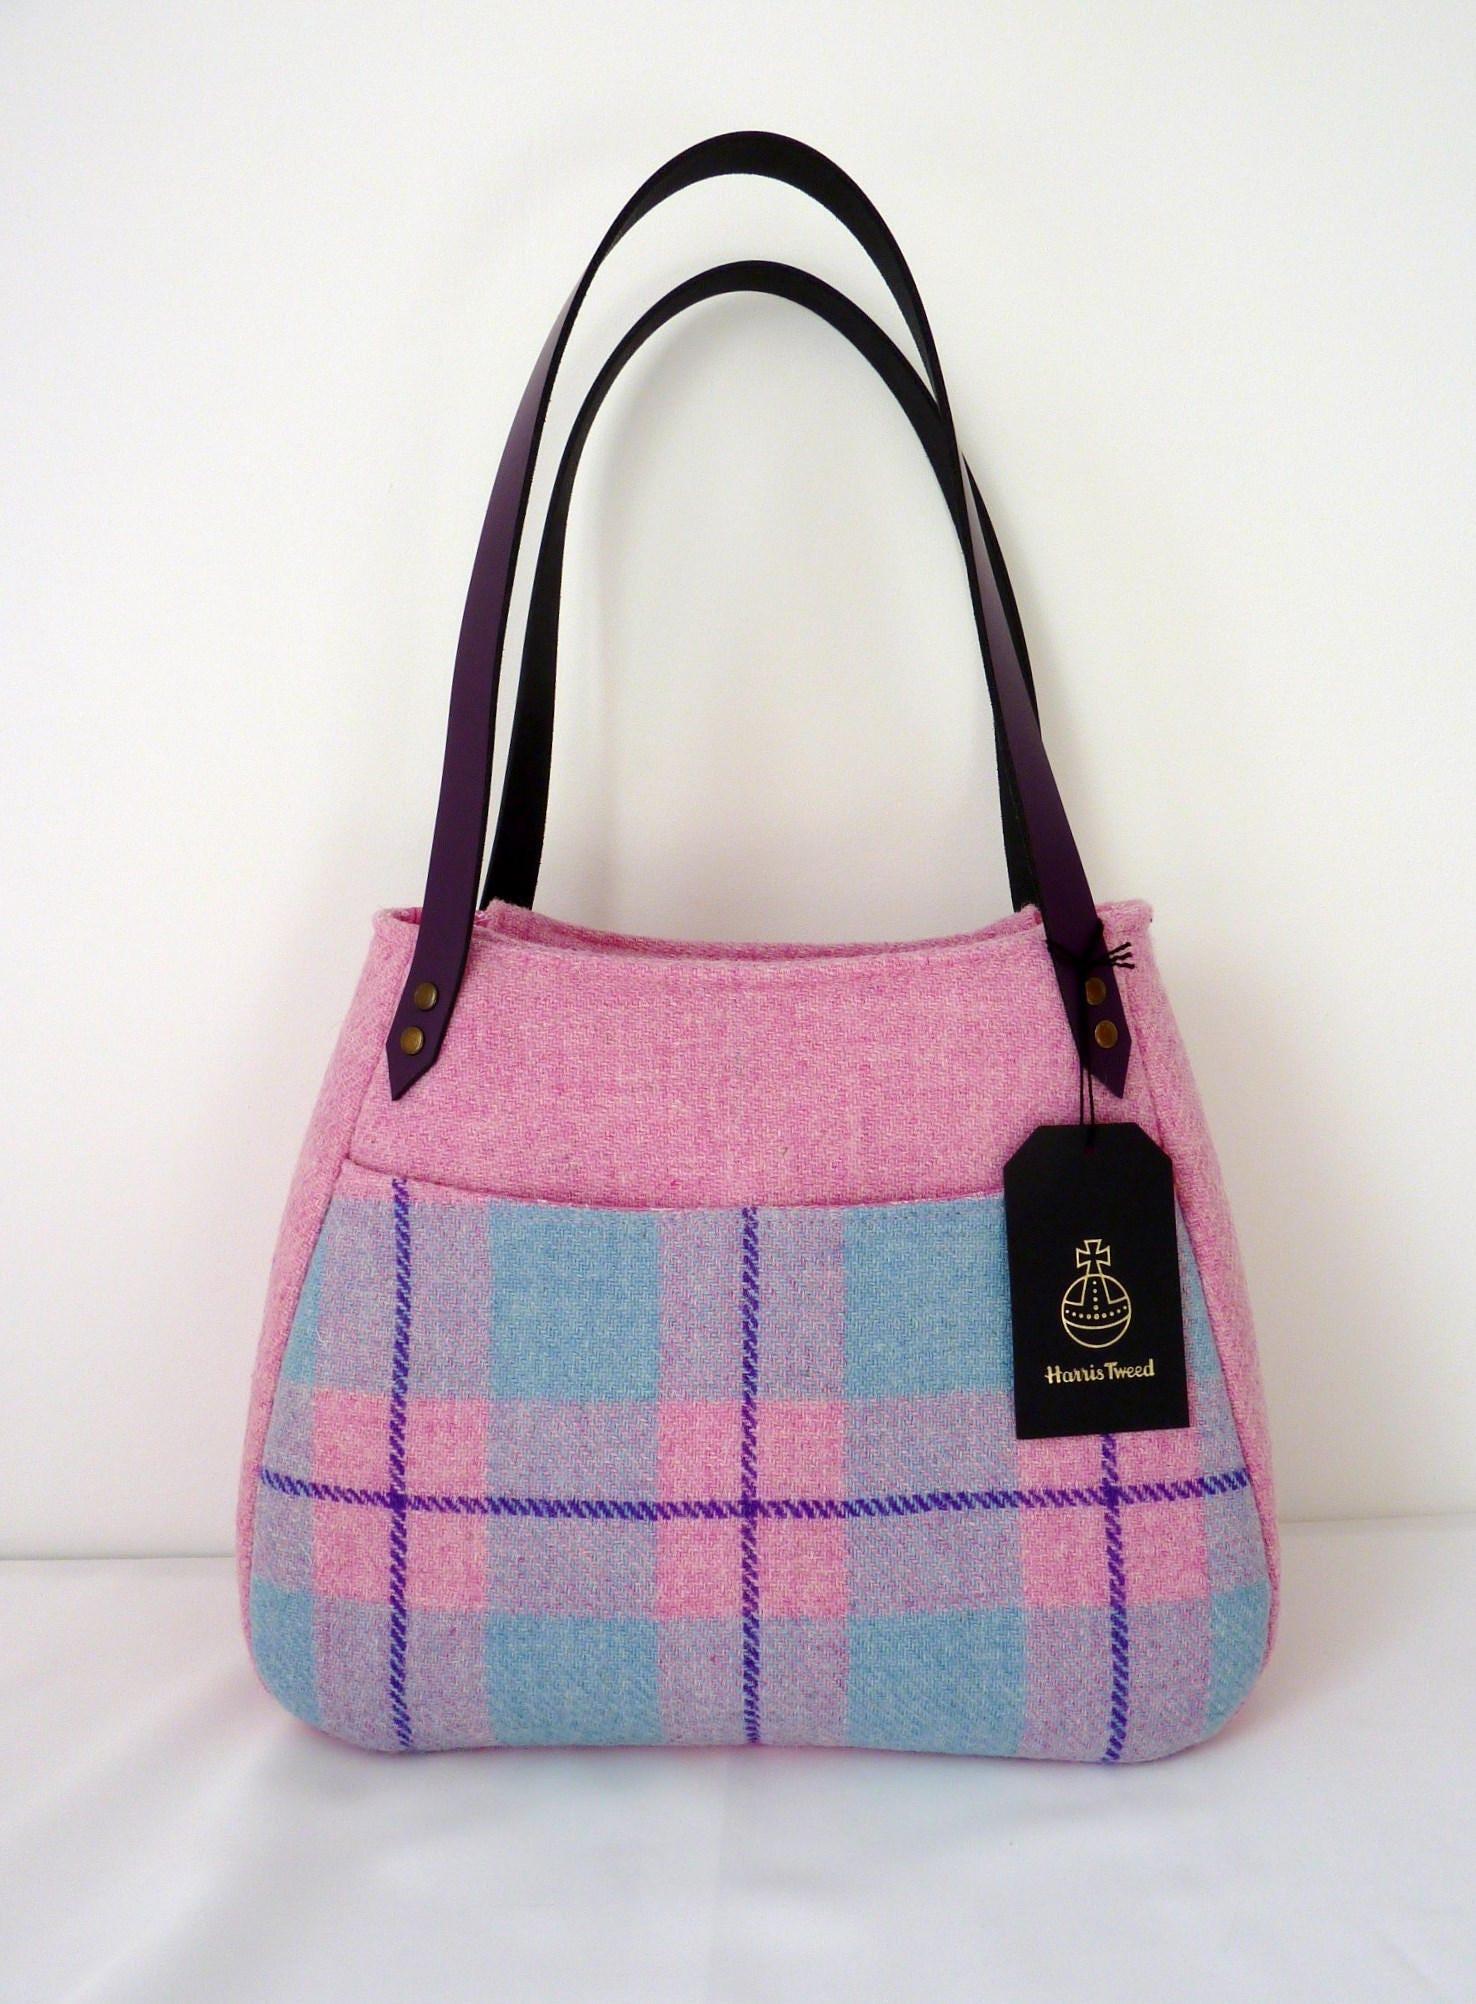 Pink Harris Tweed Handbag Harris Tweed Purse with Leather Handles Harris Tweed Bag